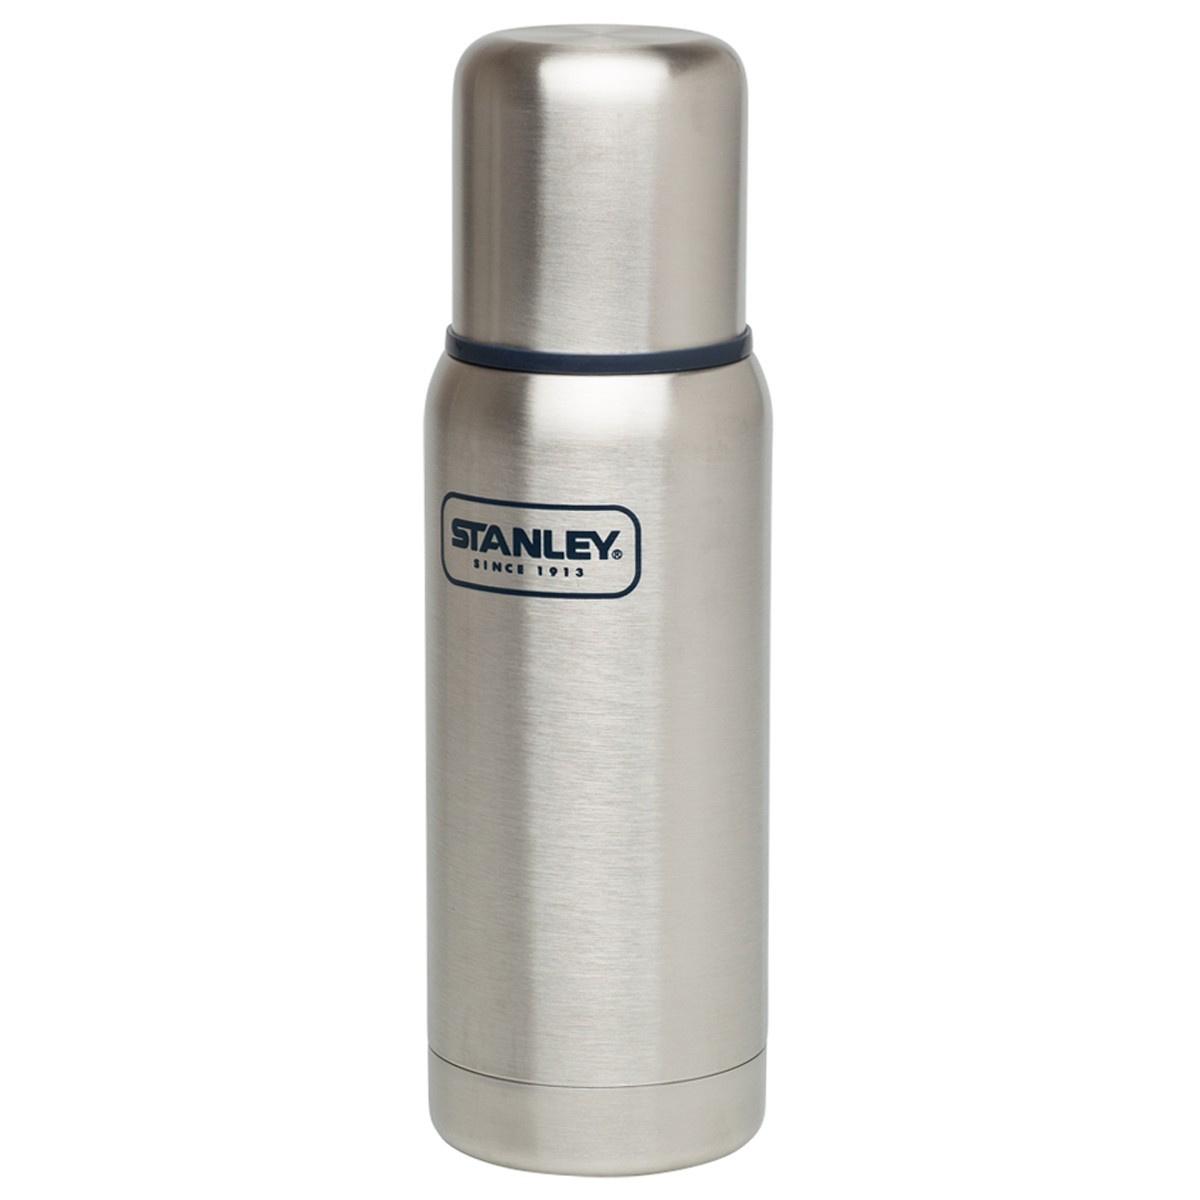 Stanley termoflaske, 0,5 L - rustfri